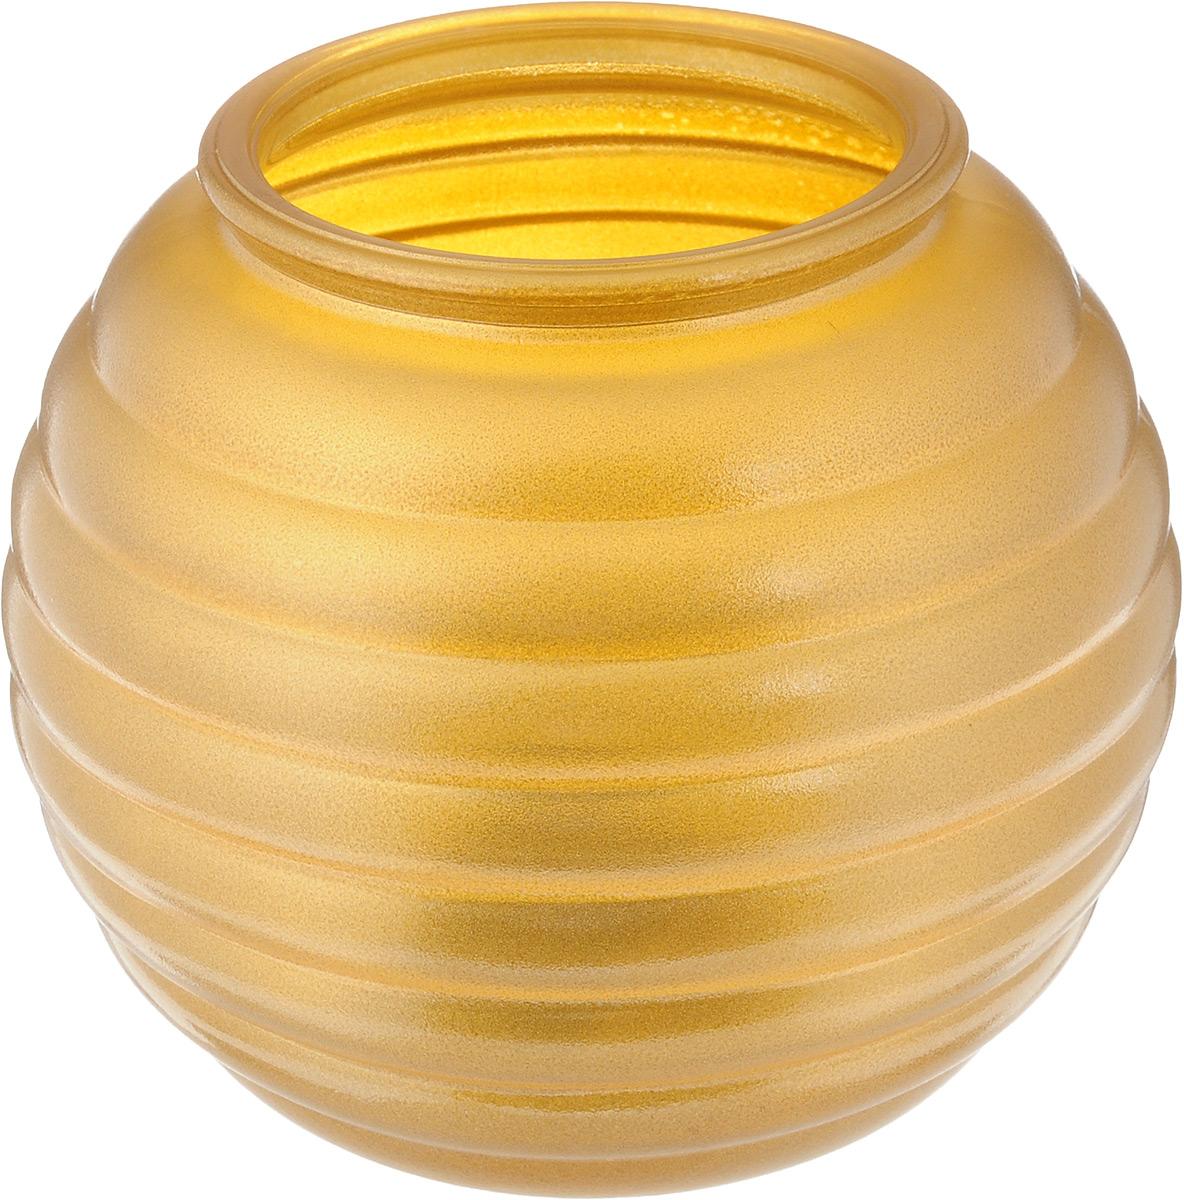 Ваза NiNaGlass Зара, цвет: золотистый, высота 13,3 см54 009312Ваза NiNaGlass Зара выполнена из высококачественного стекла и оформлена изящным рельефом. Такая ваза станет ярким украшением интерьера и прекрасным подарком к любому случаю.Высота вазы: 13,3 см.Диаметр вазы (по верхнему краю): 8 см.